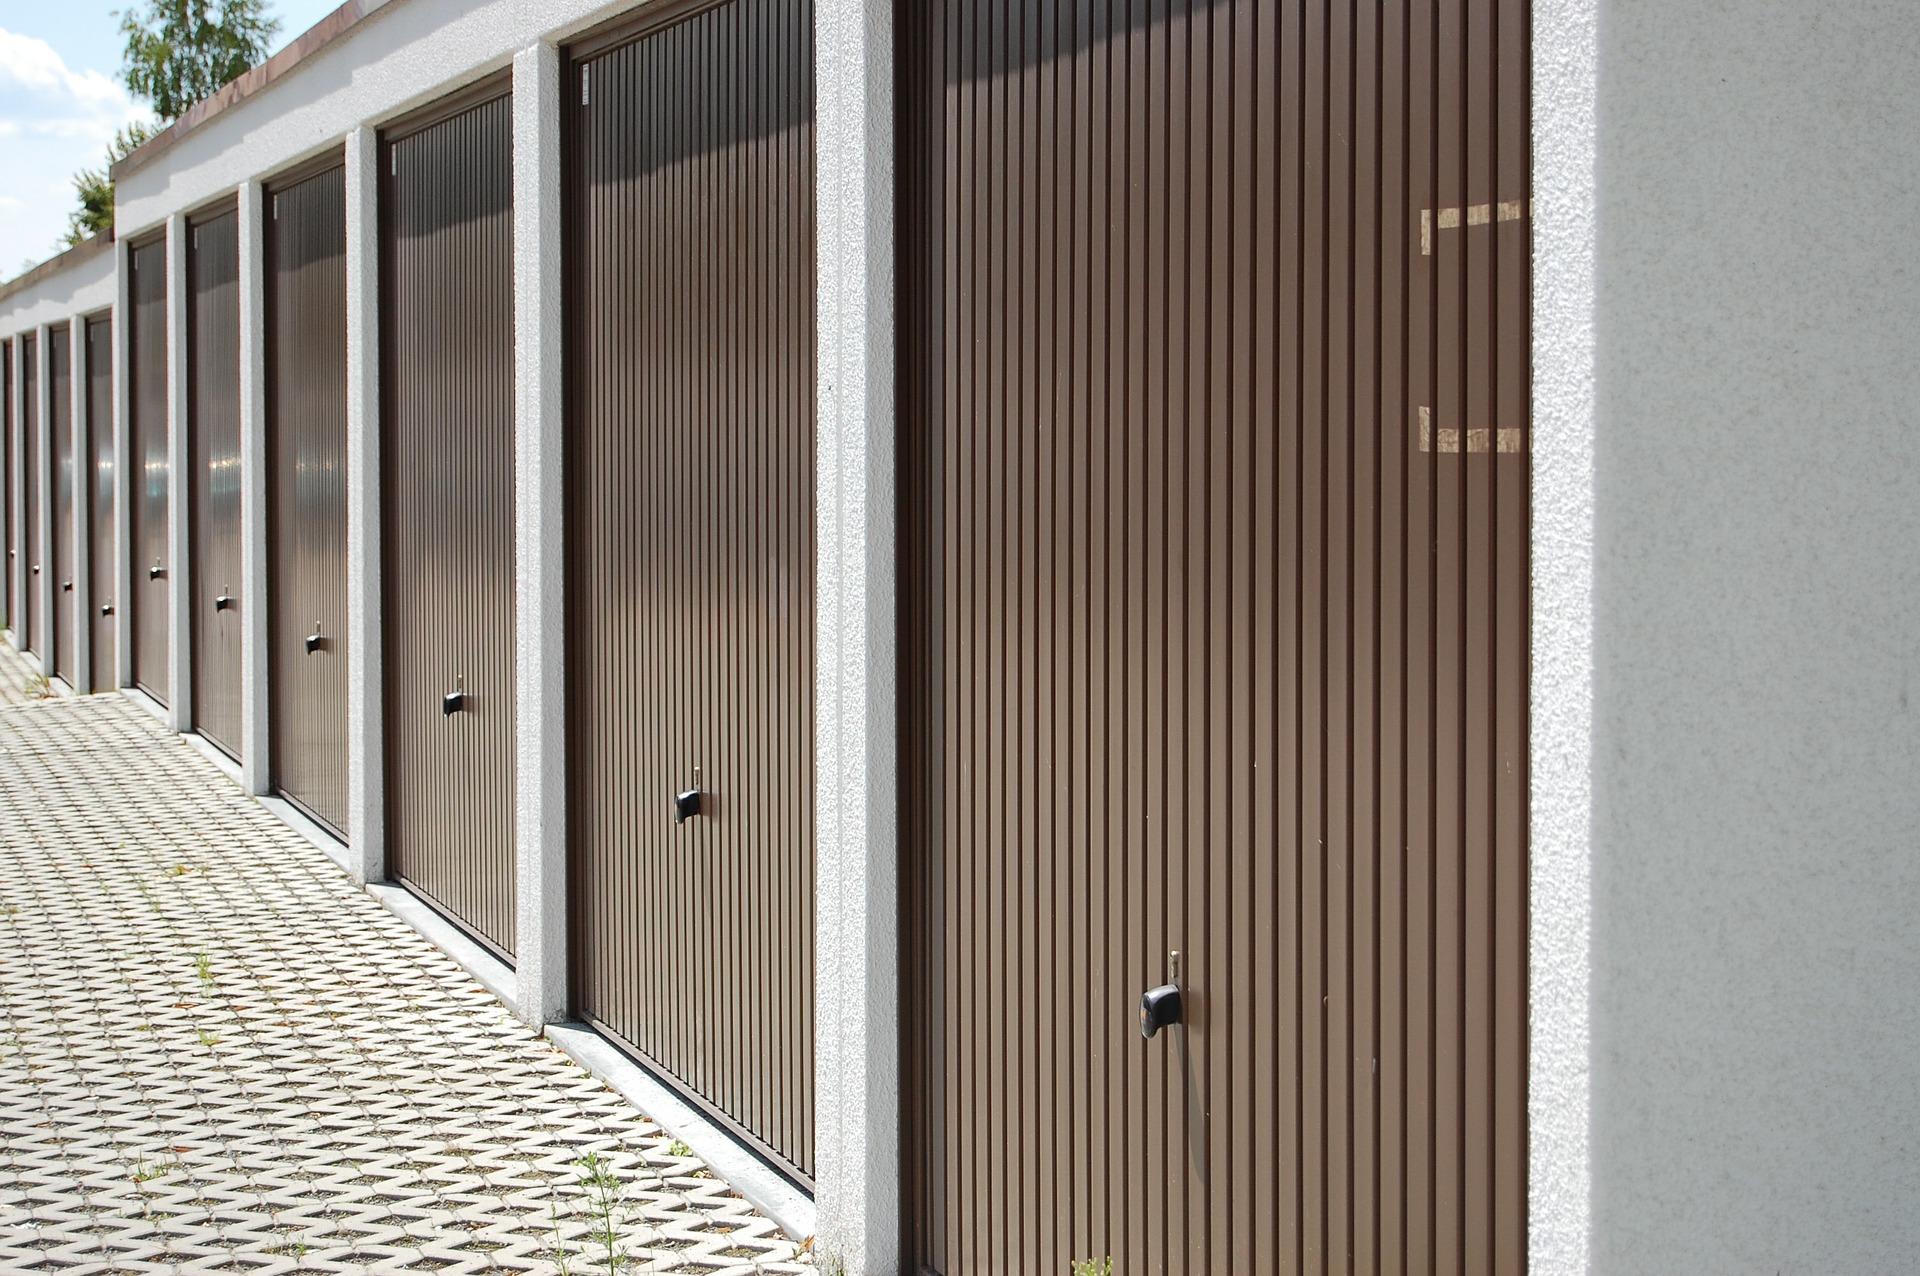 garages-428636_1920